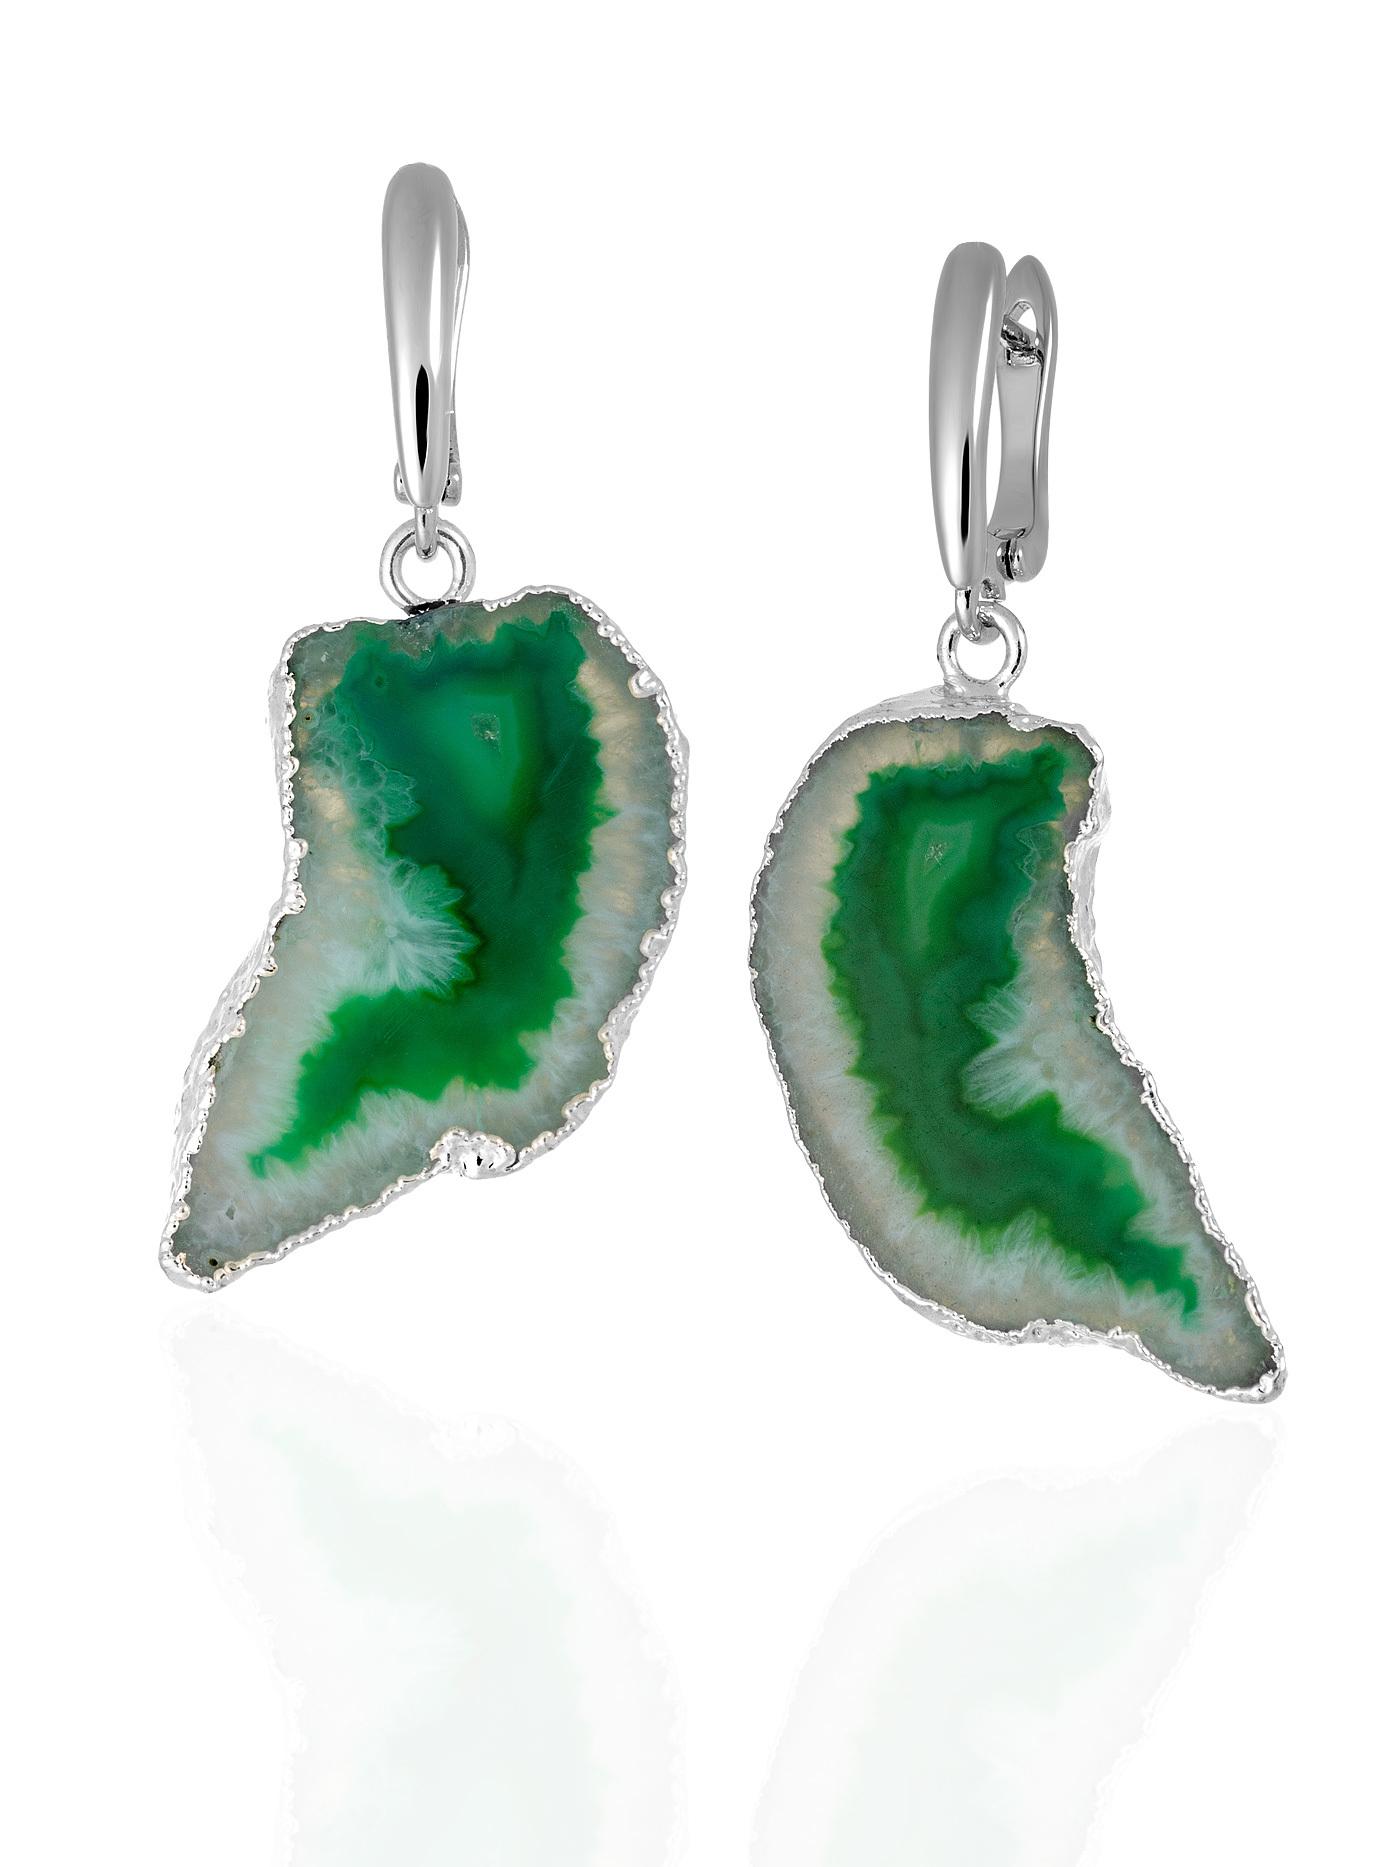 Дизайнерские серьги с жеодой агата зеленого цвета